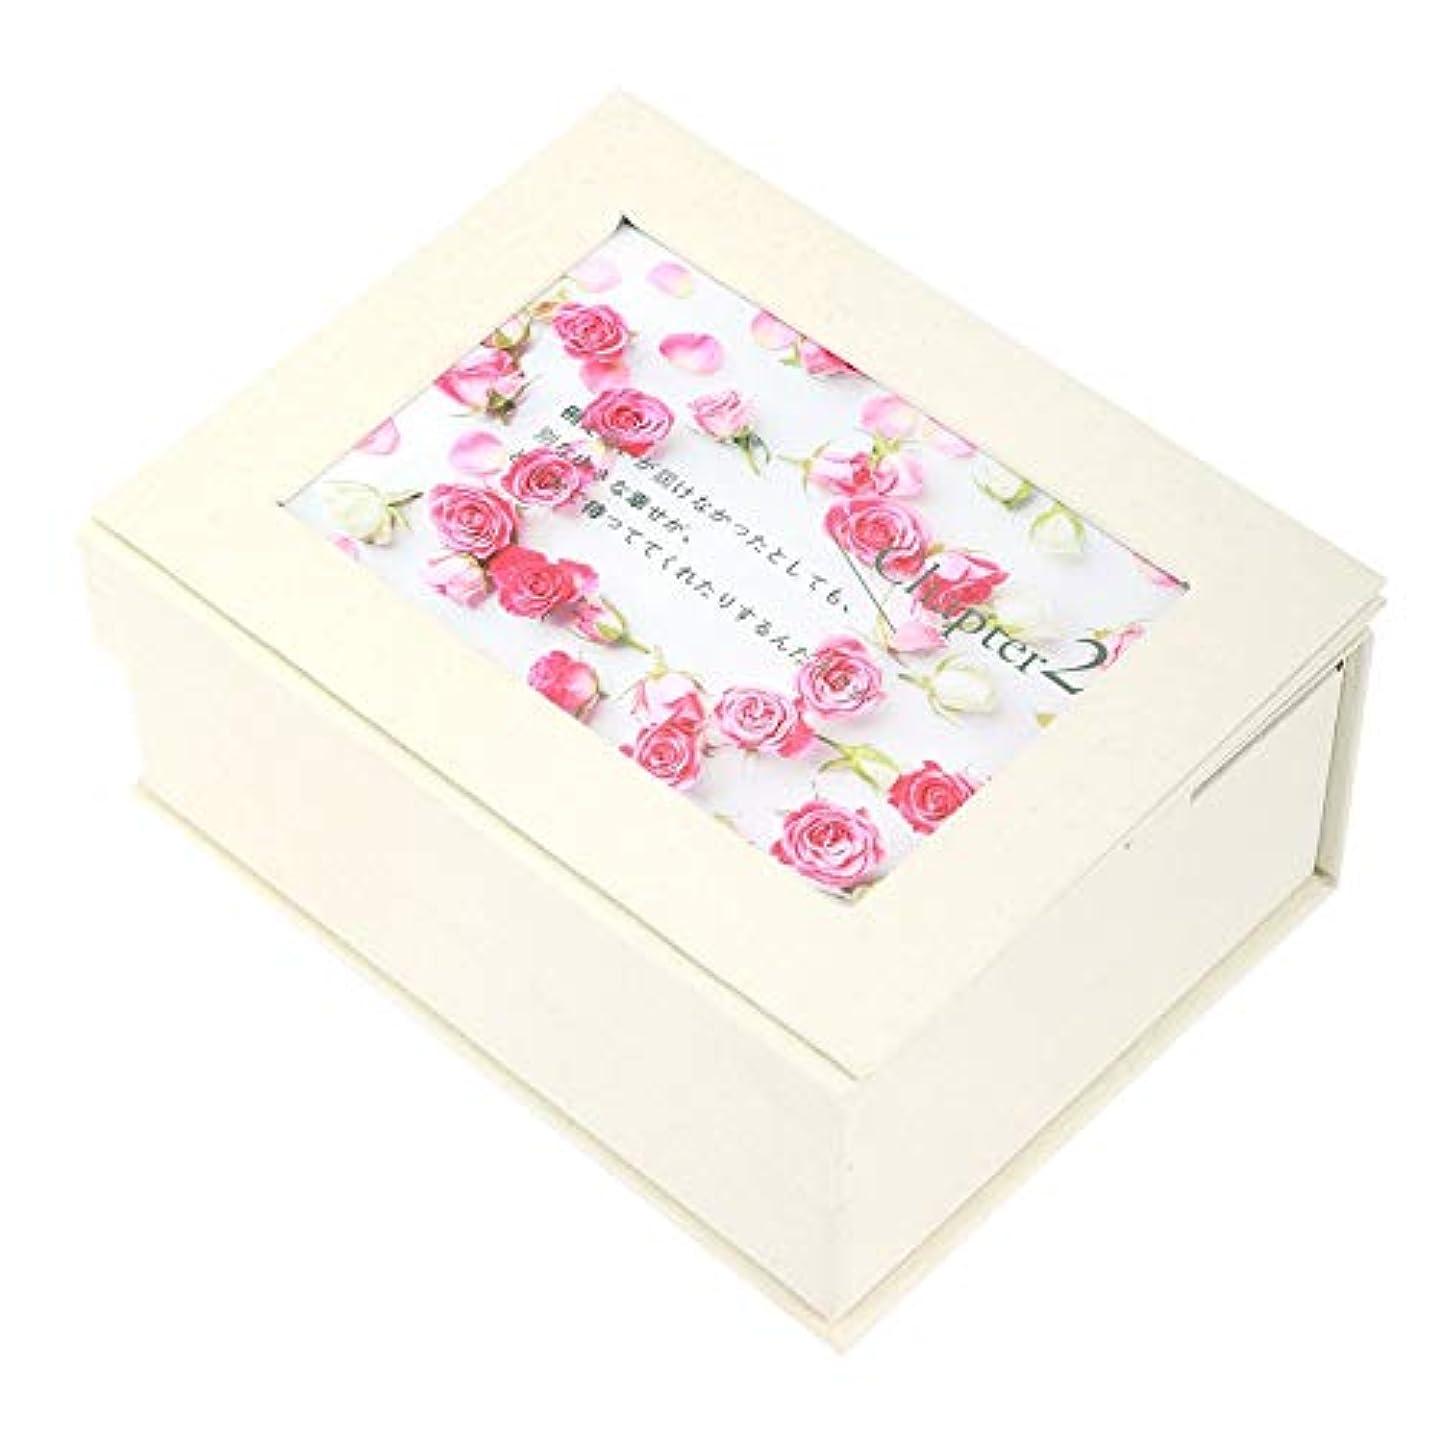 大邸宅保護する足首石鹸の花のギフト用の箱、石鹸の花のギフト用の箱の女の子のお母さんの誕生日のクリスマスの結婚式のギフトの写真フレームが付いている花の石鹸(#1)